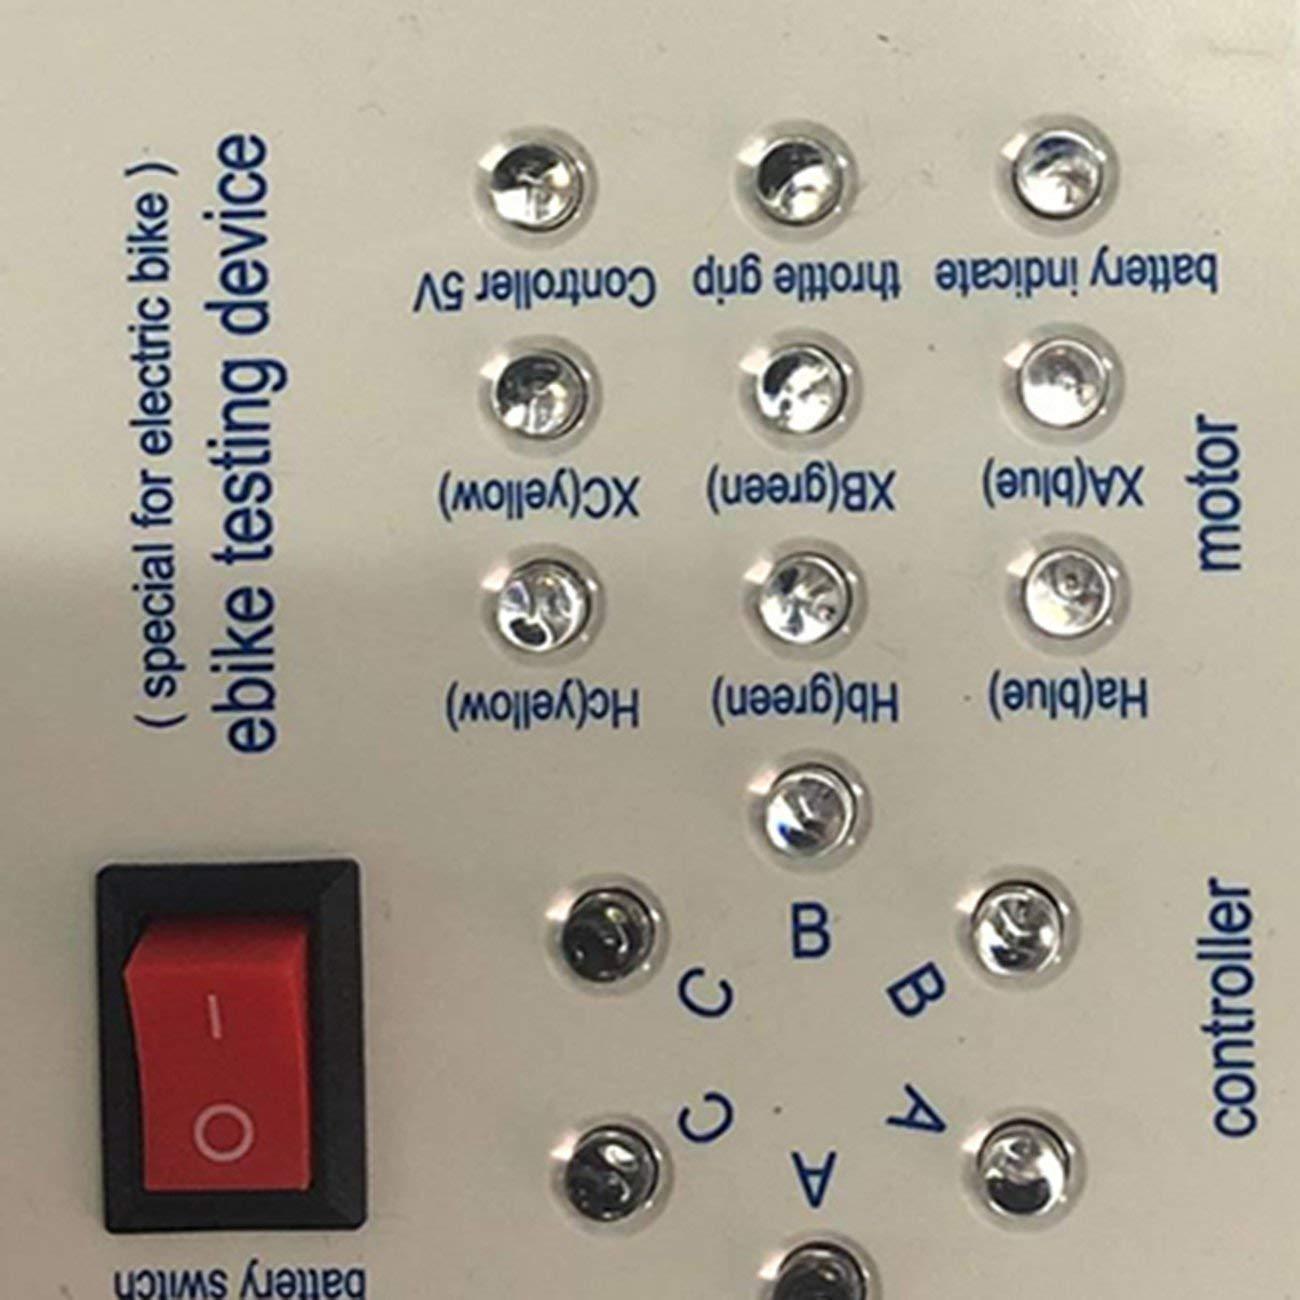 1pc 24V//36V//48V//60V//72V Electro Car E-Bike Scooter Brushless Motor Controller Tester Electronic Module High Performance